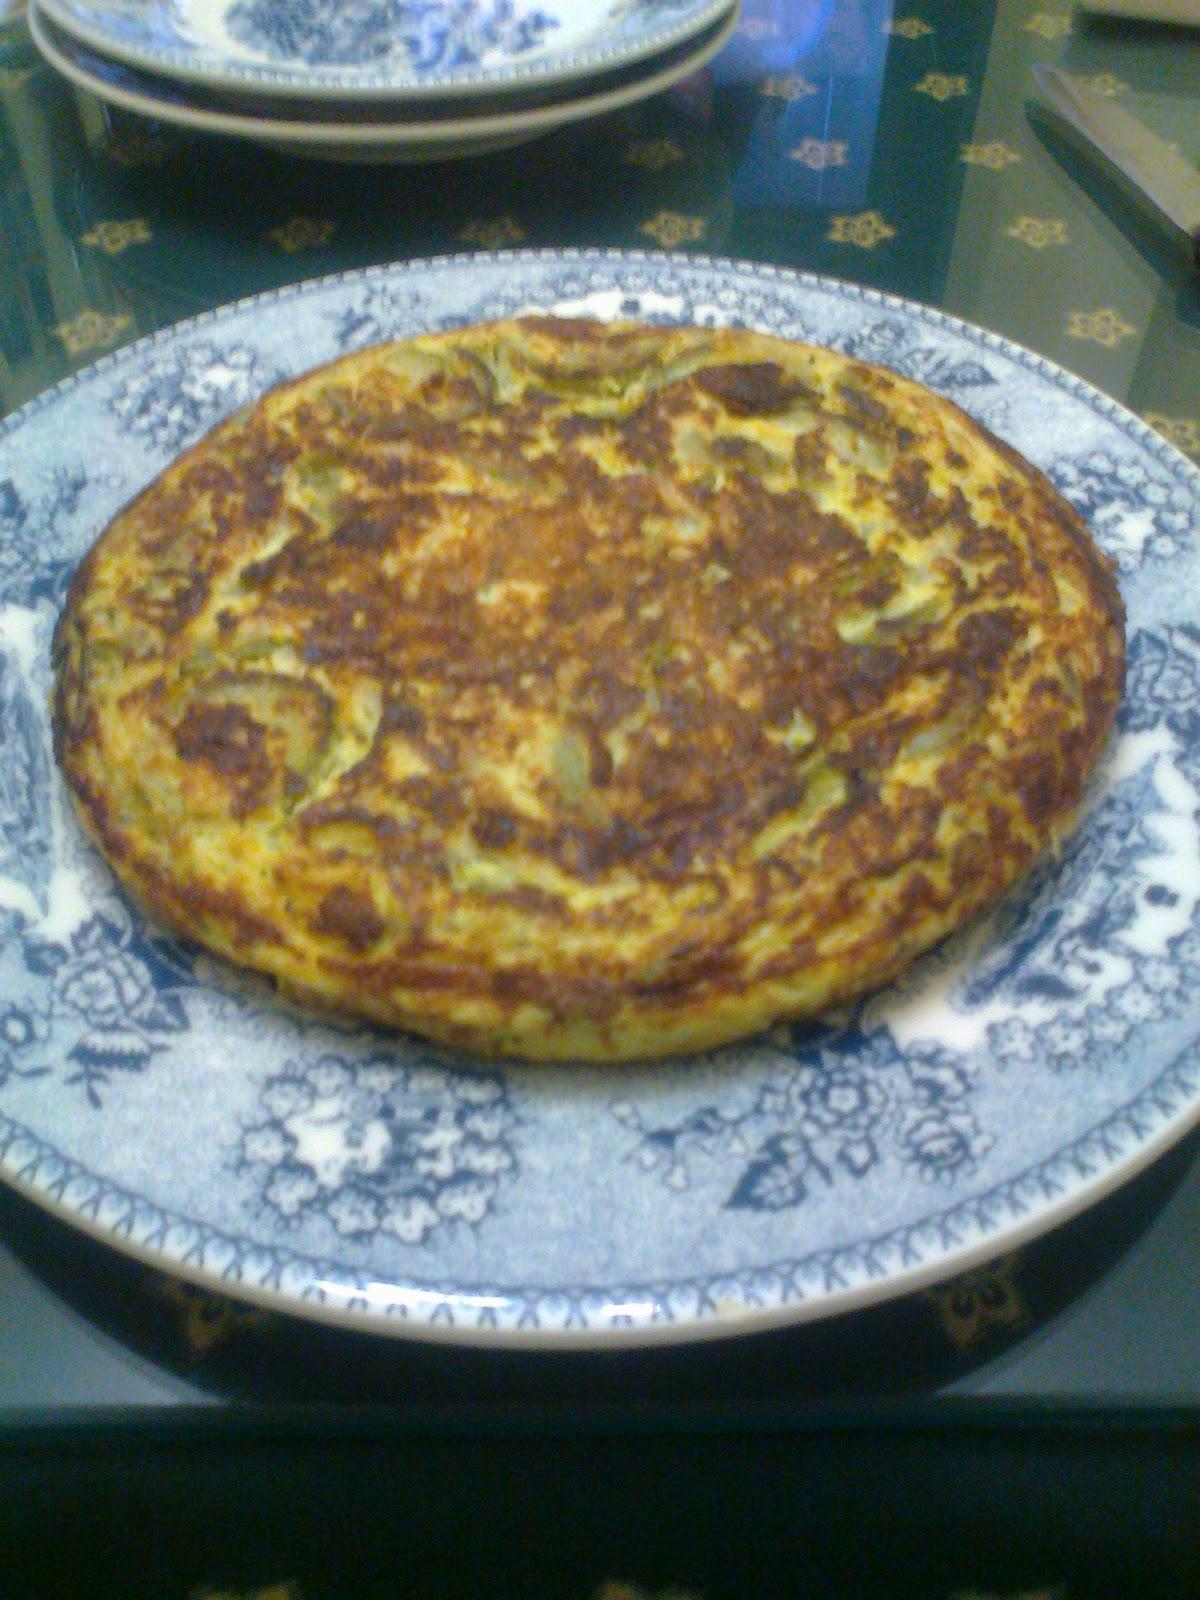 El rincon de mi cocina tortilla de calabacin y cebolla - Tortilla de calabacin y cebolla ...